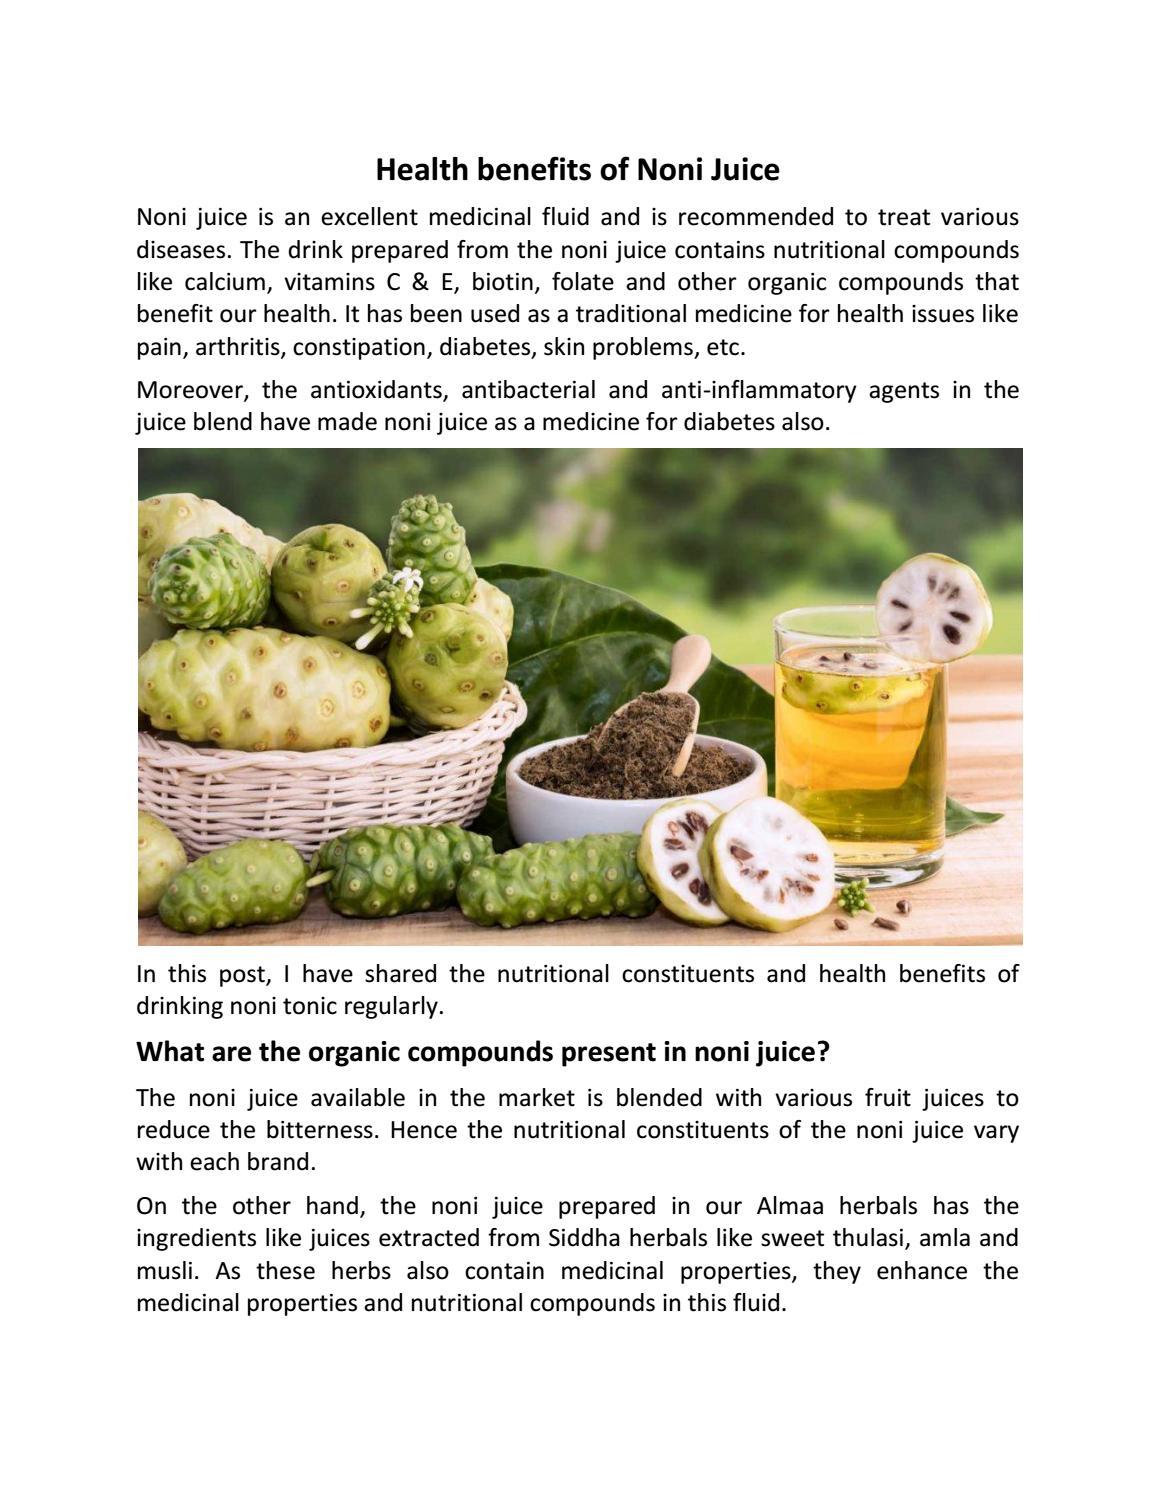 health benefits of noni juicesajivkumar892 - issuu